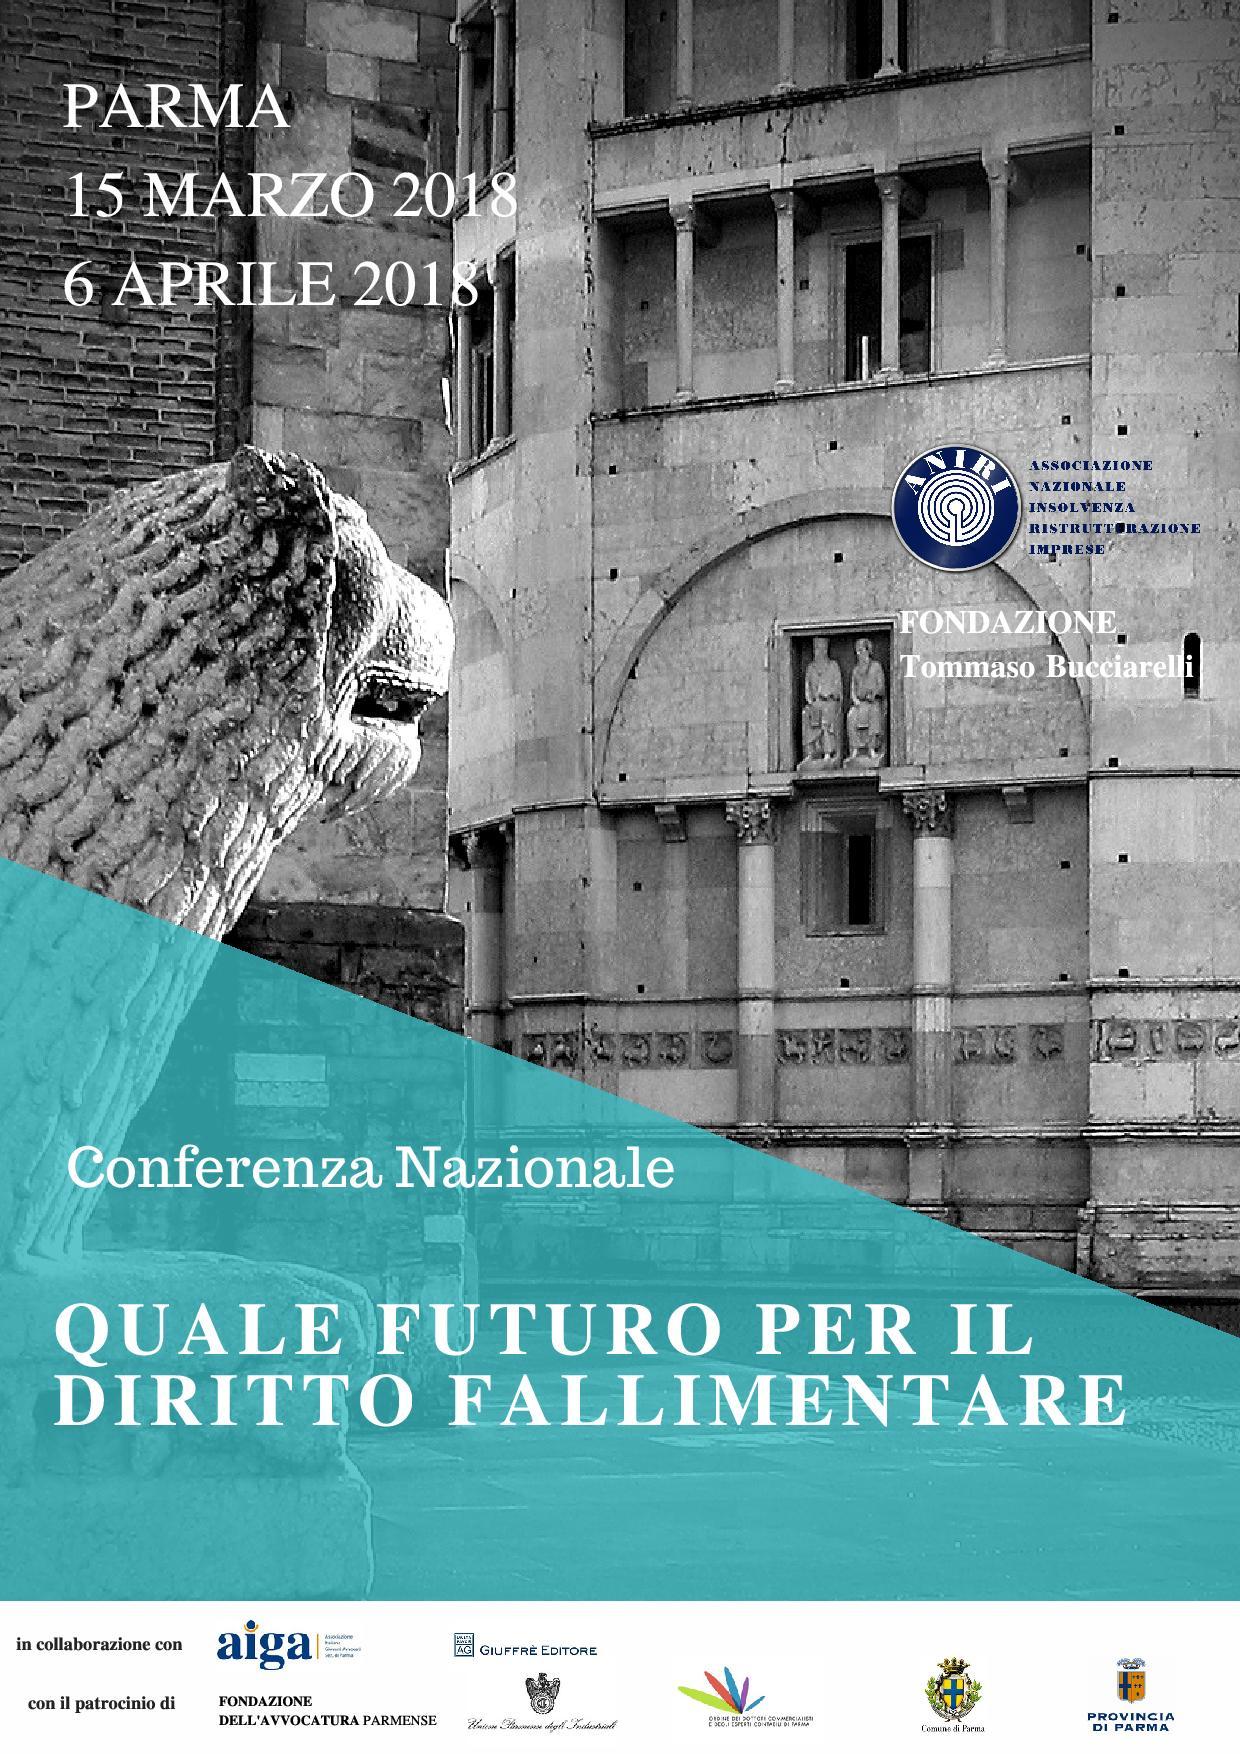 locandina-conferenza-quale-futuro-per-il-diritto-fallimentare-page-001-2